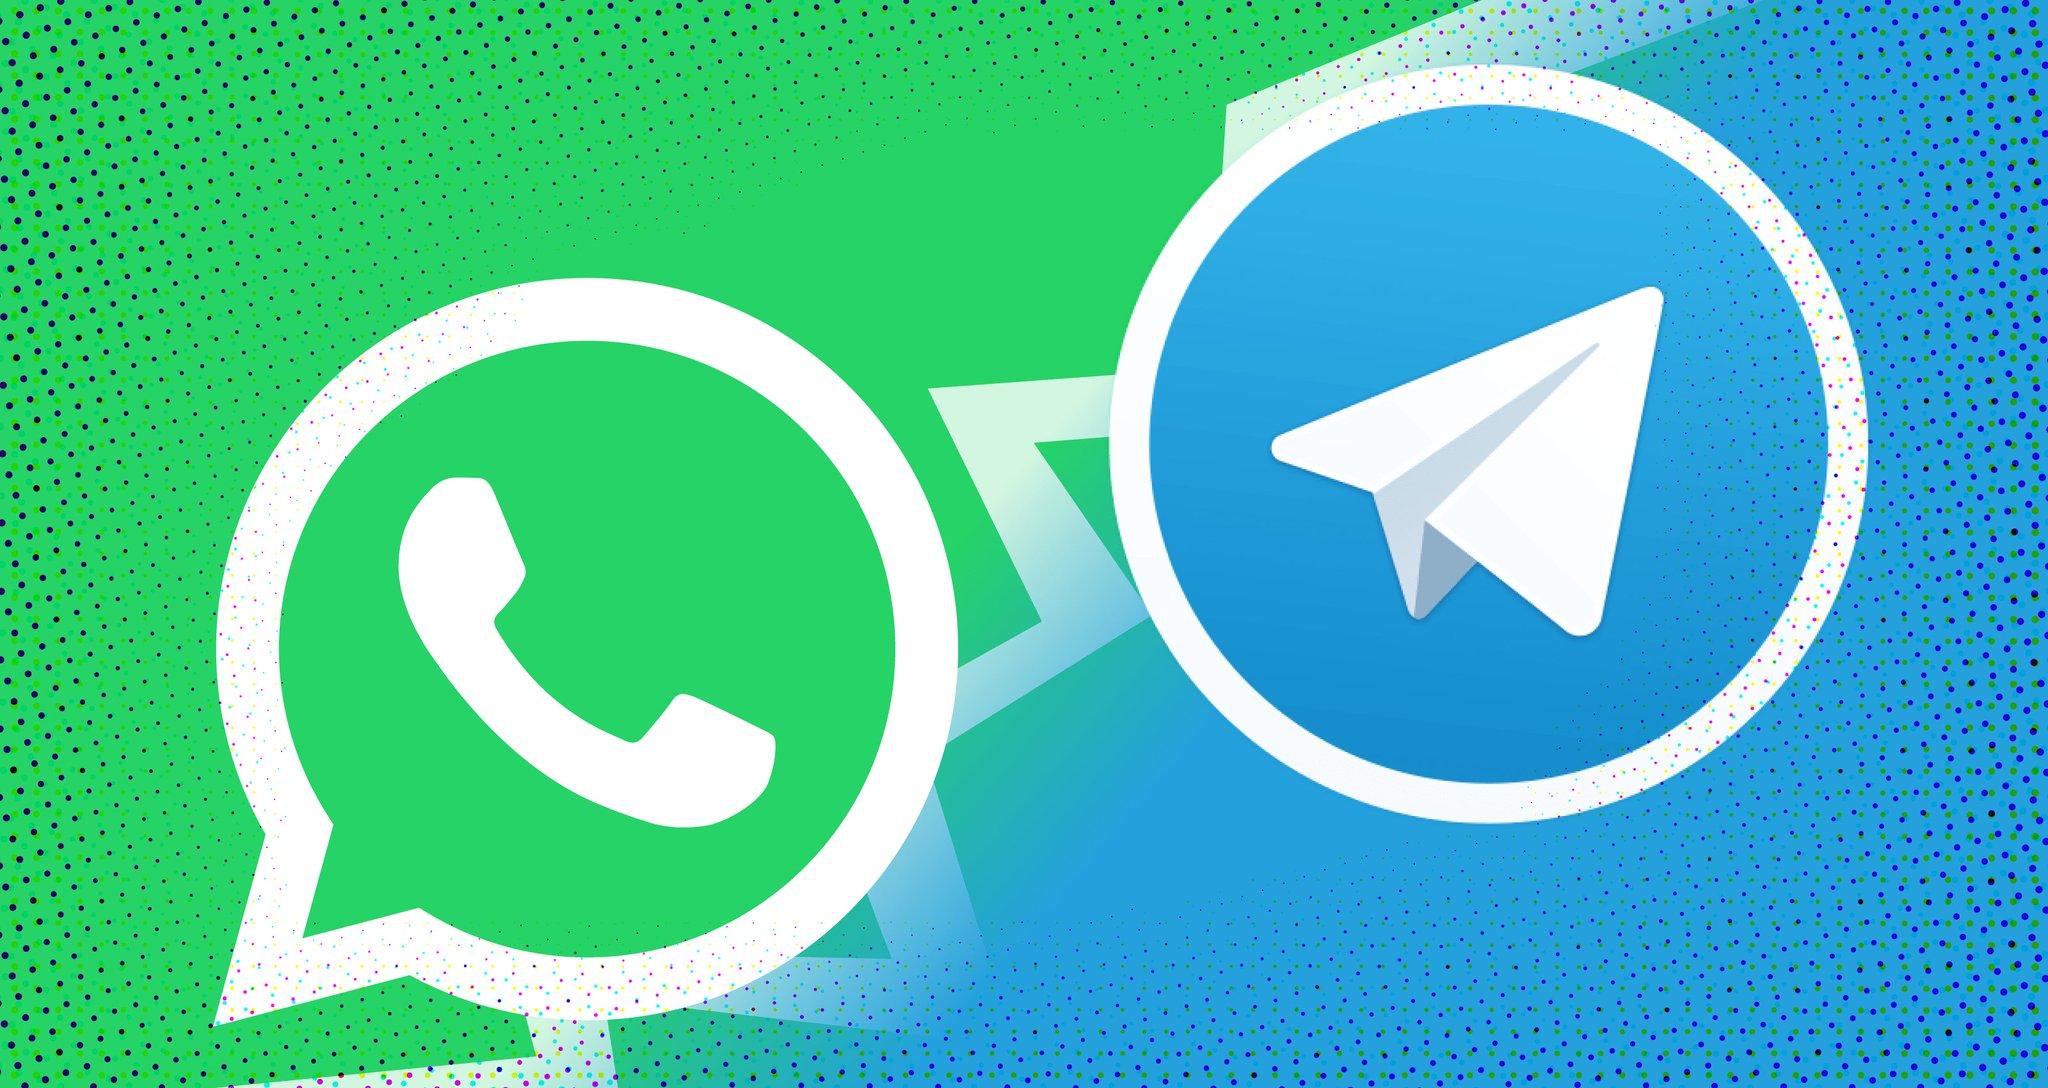 Que no le espíen sus conversaciones: ¿es más segura Whatsapp o Telegram?